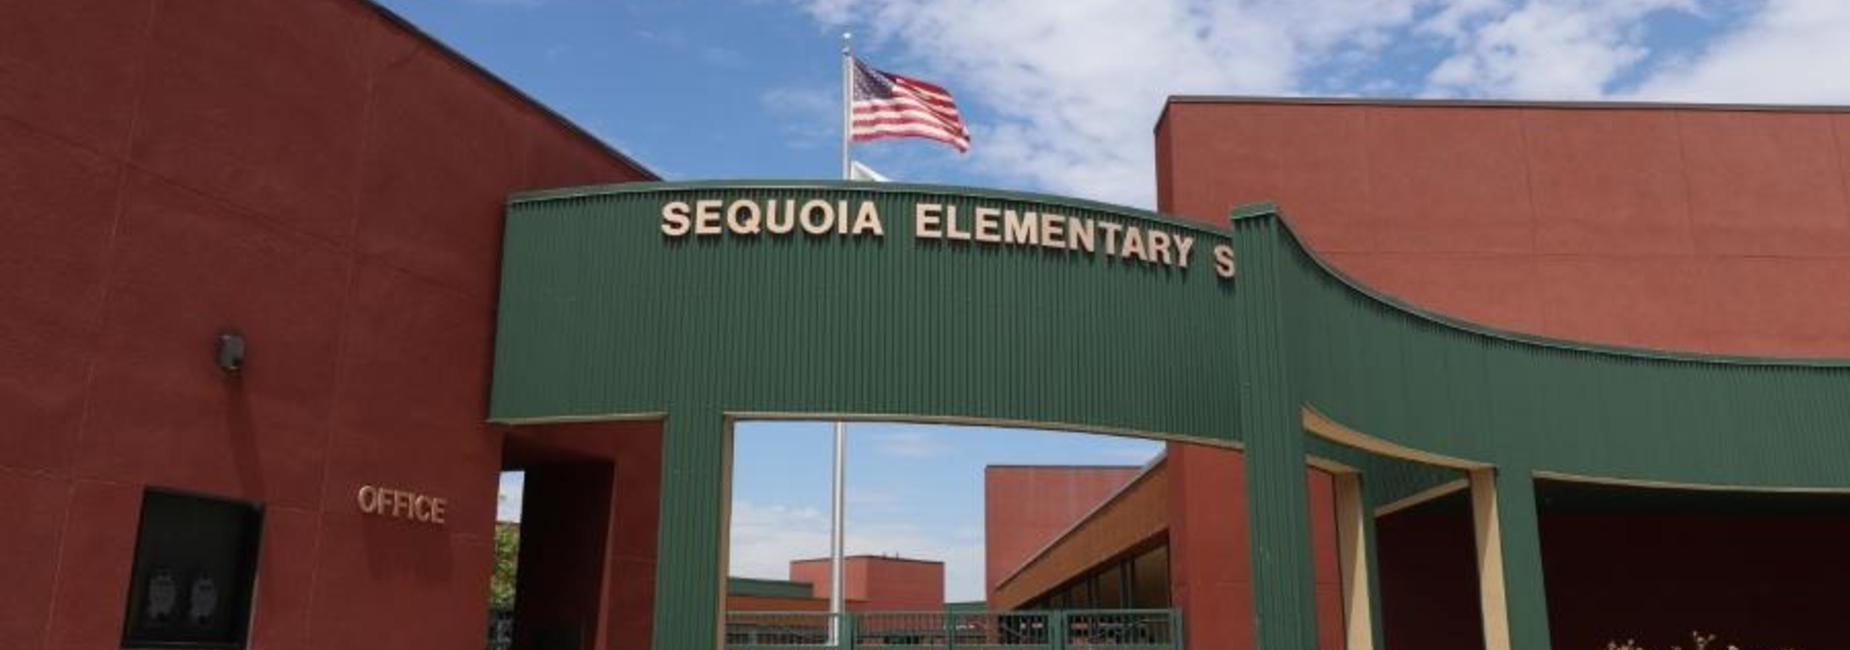 Sequoia Elementary School